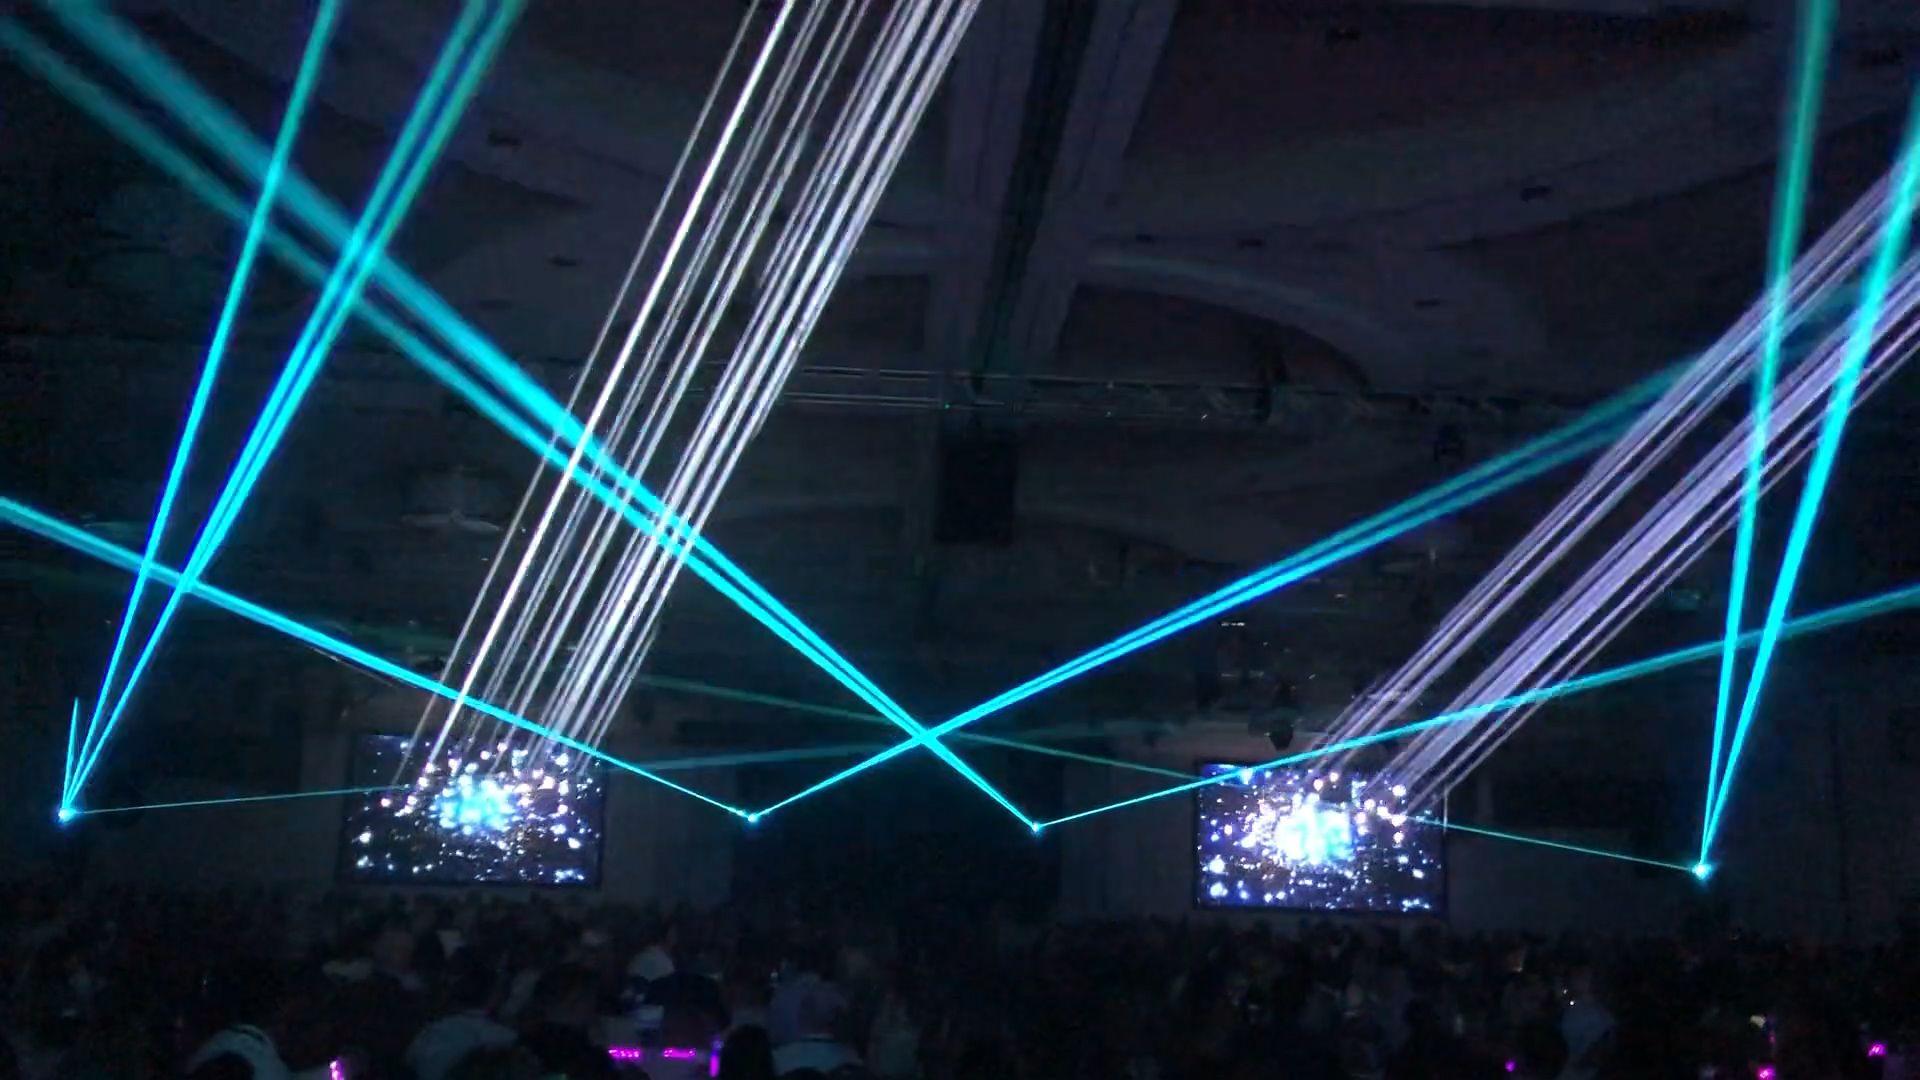 Laser Light Show For Corporate Event Laser Lights Light Show Laser Show